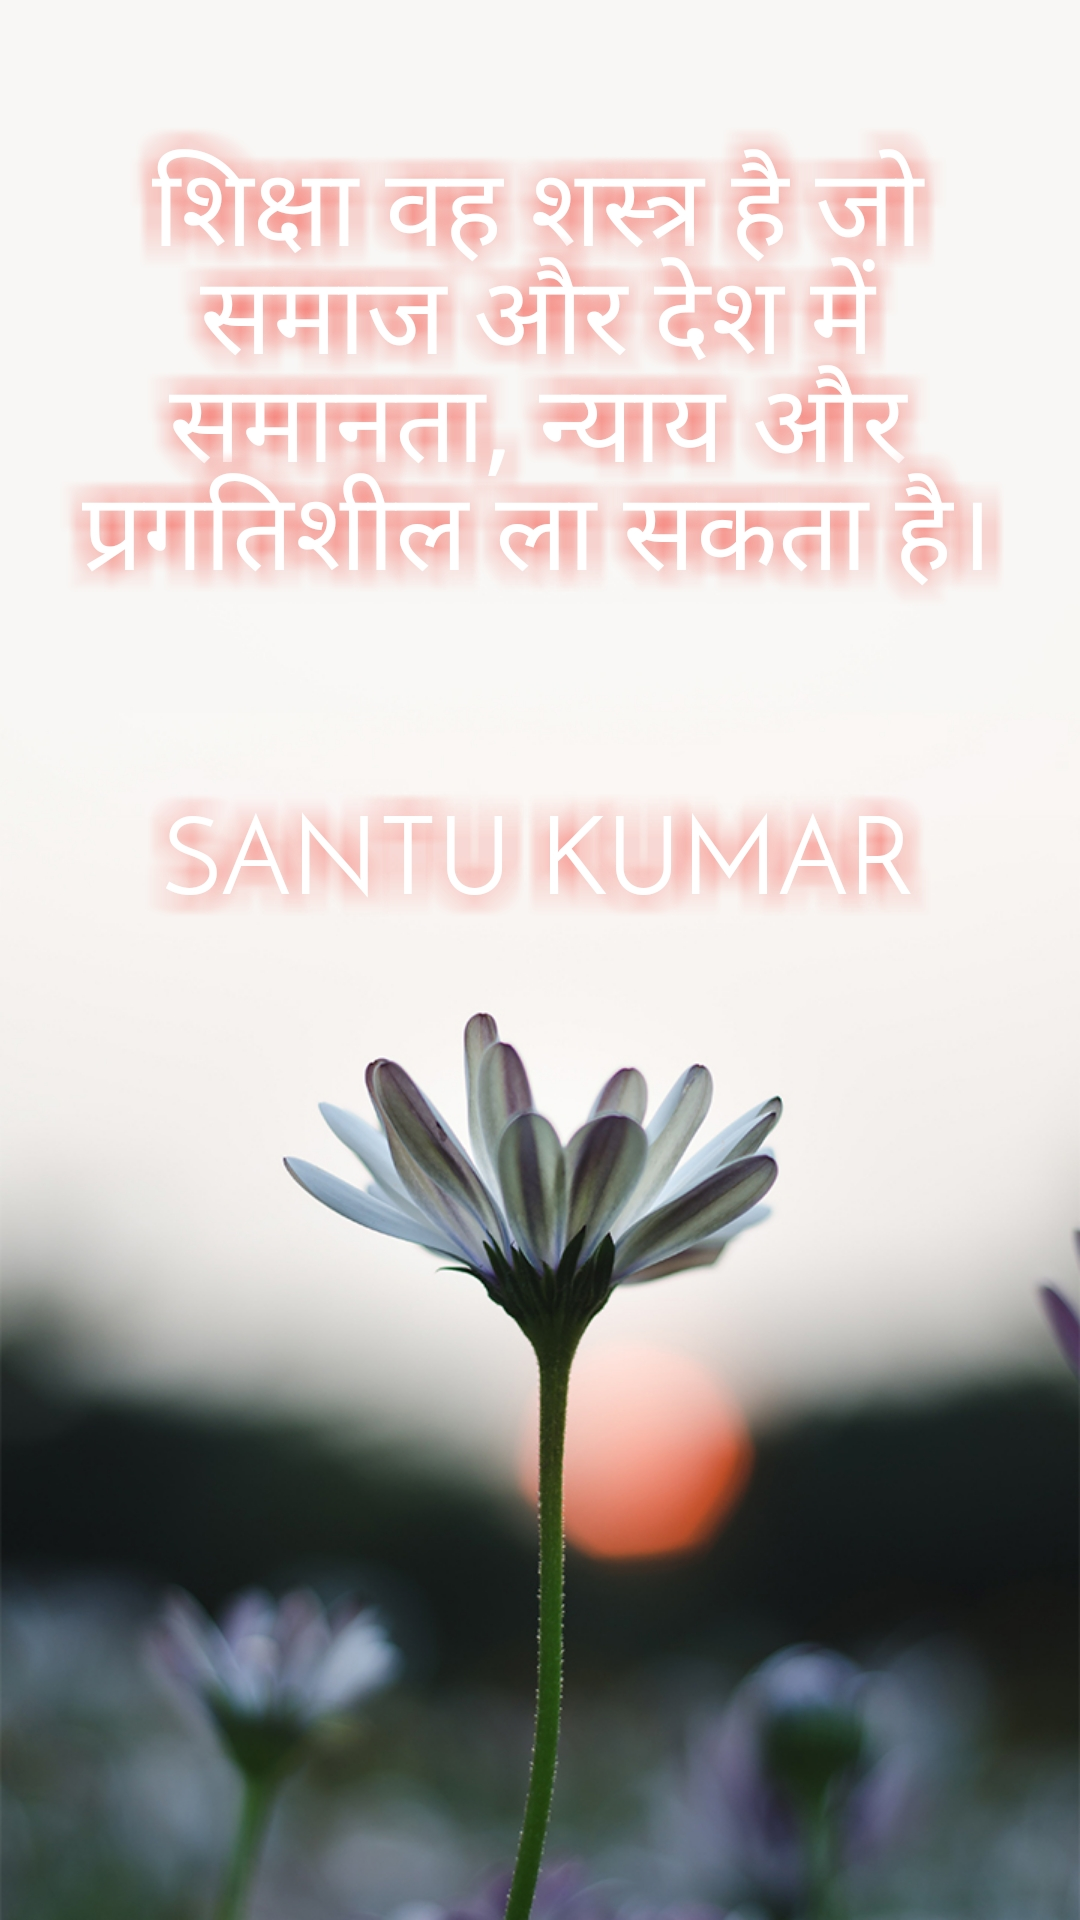 शिक्षा वह शस्त्र है जो समाज और देश में समानता, न्याय और प्रगतिशील ला सकता है।   SANTU KUMAR